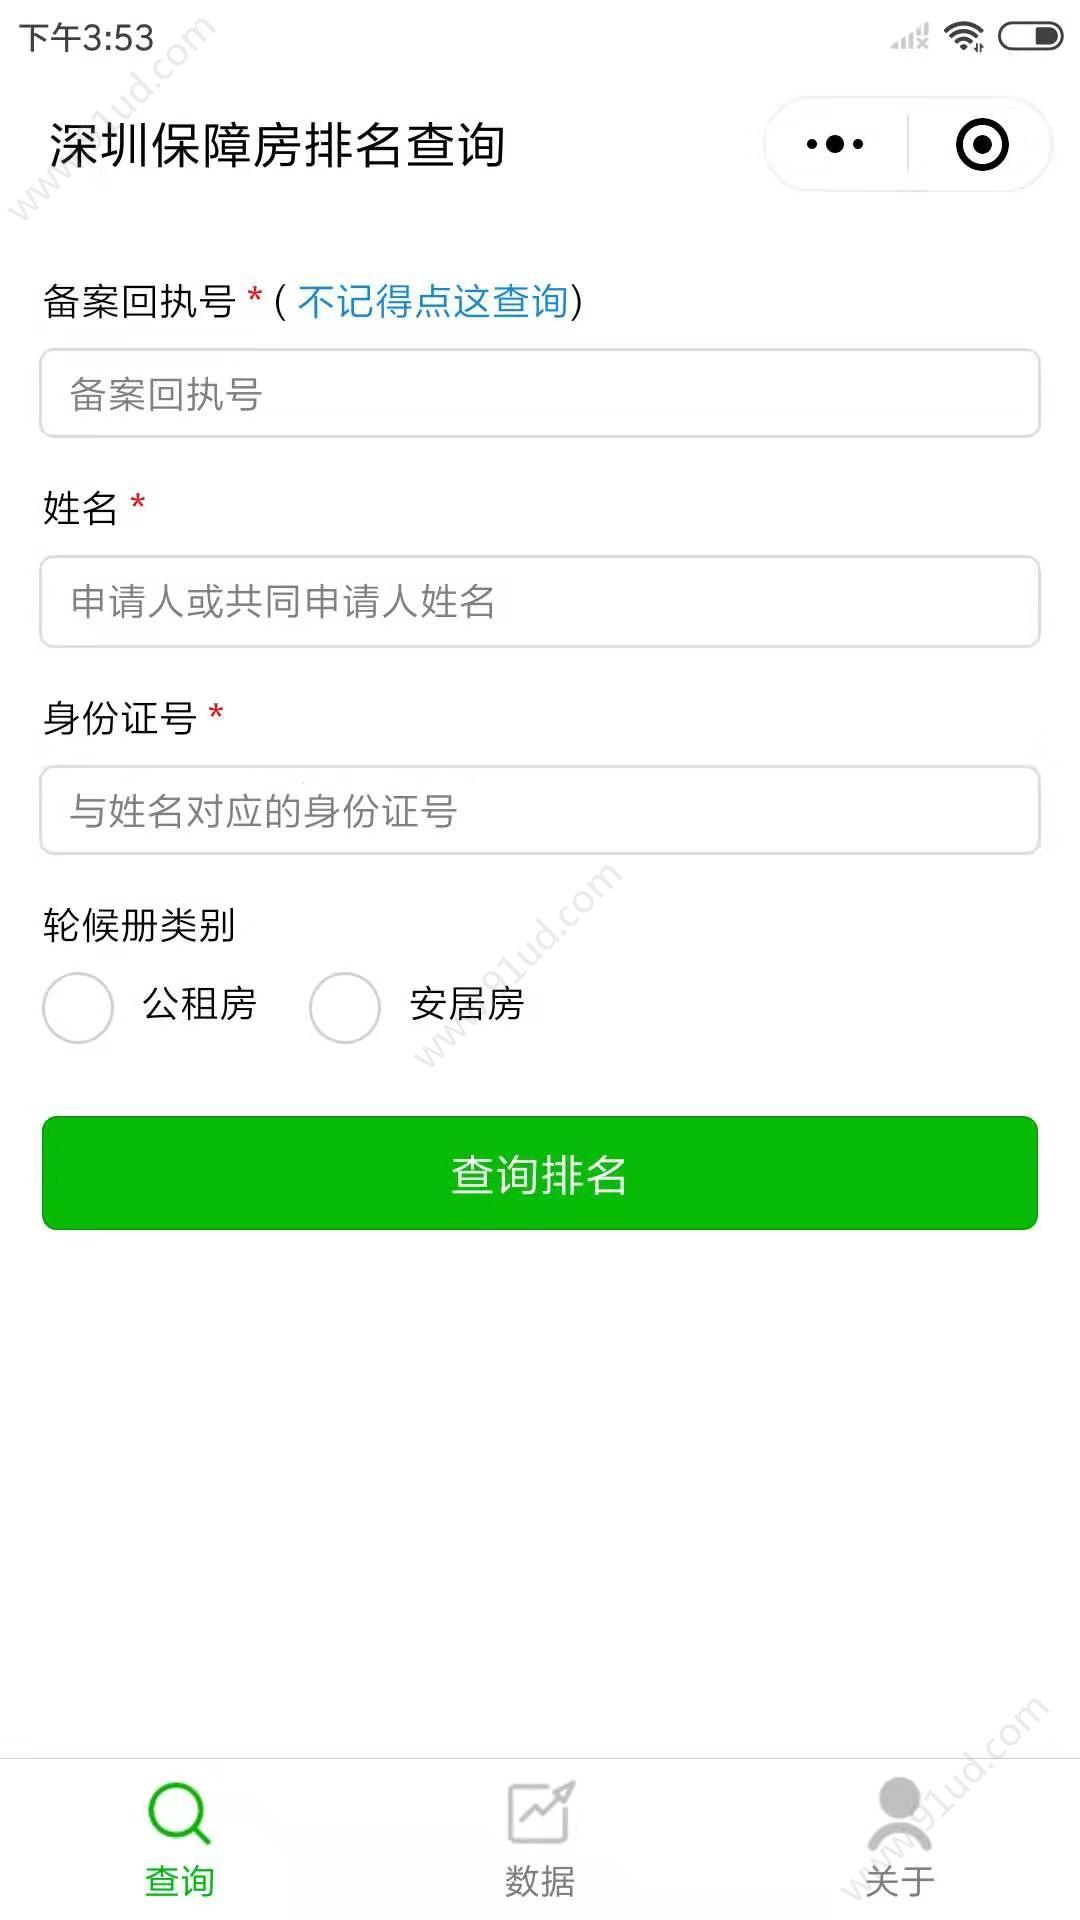 深圳保障房排名查询小程序截图